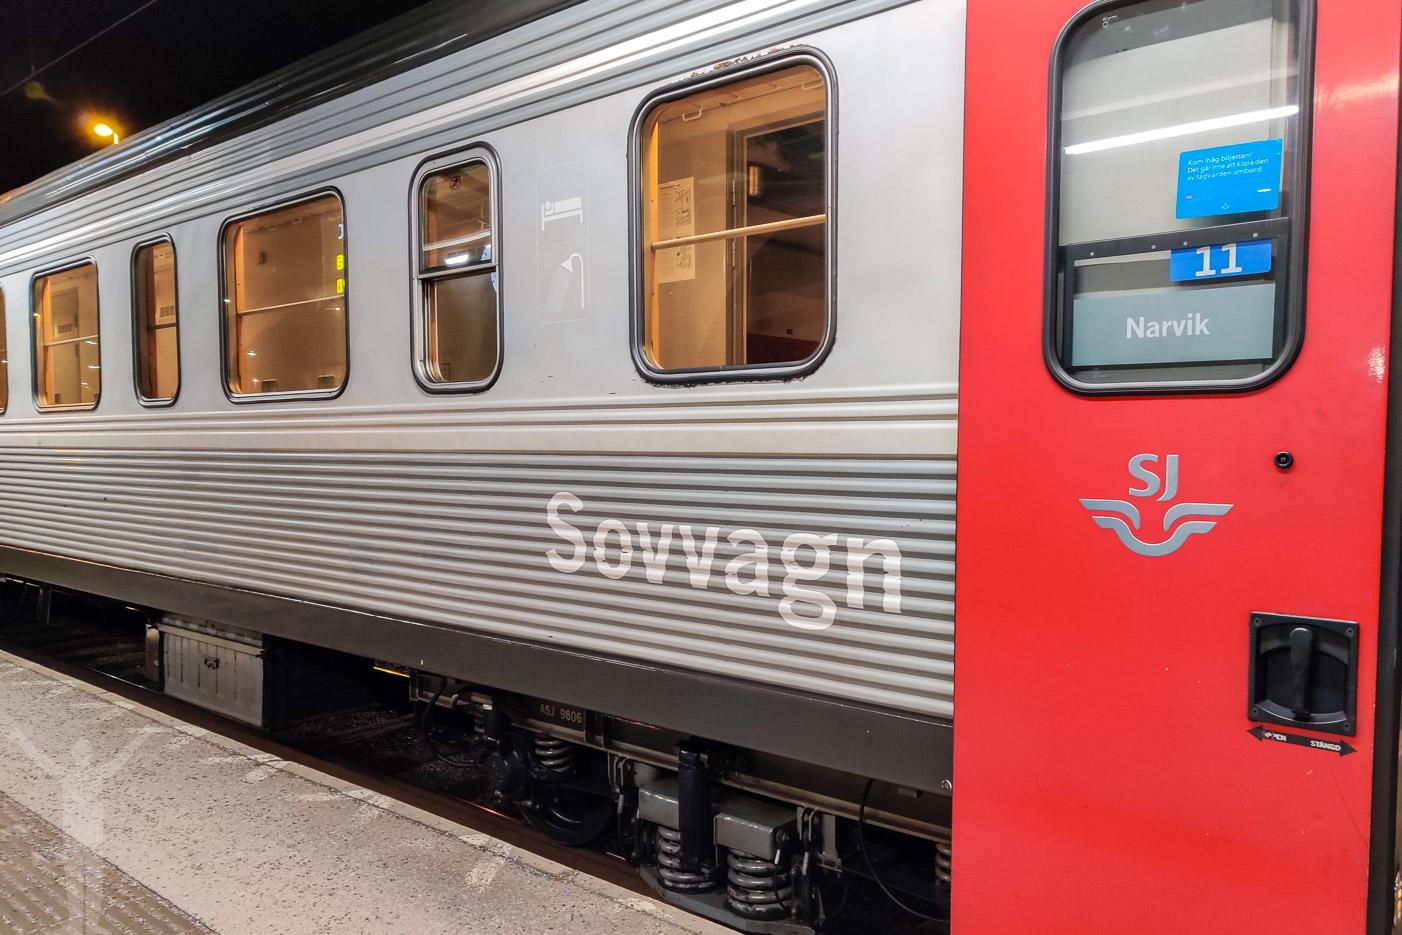 Sovvagn på SJ:s nattåg